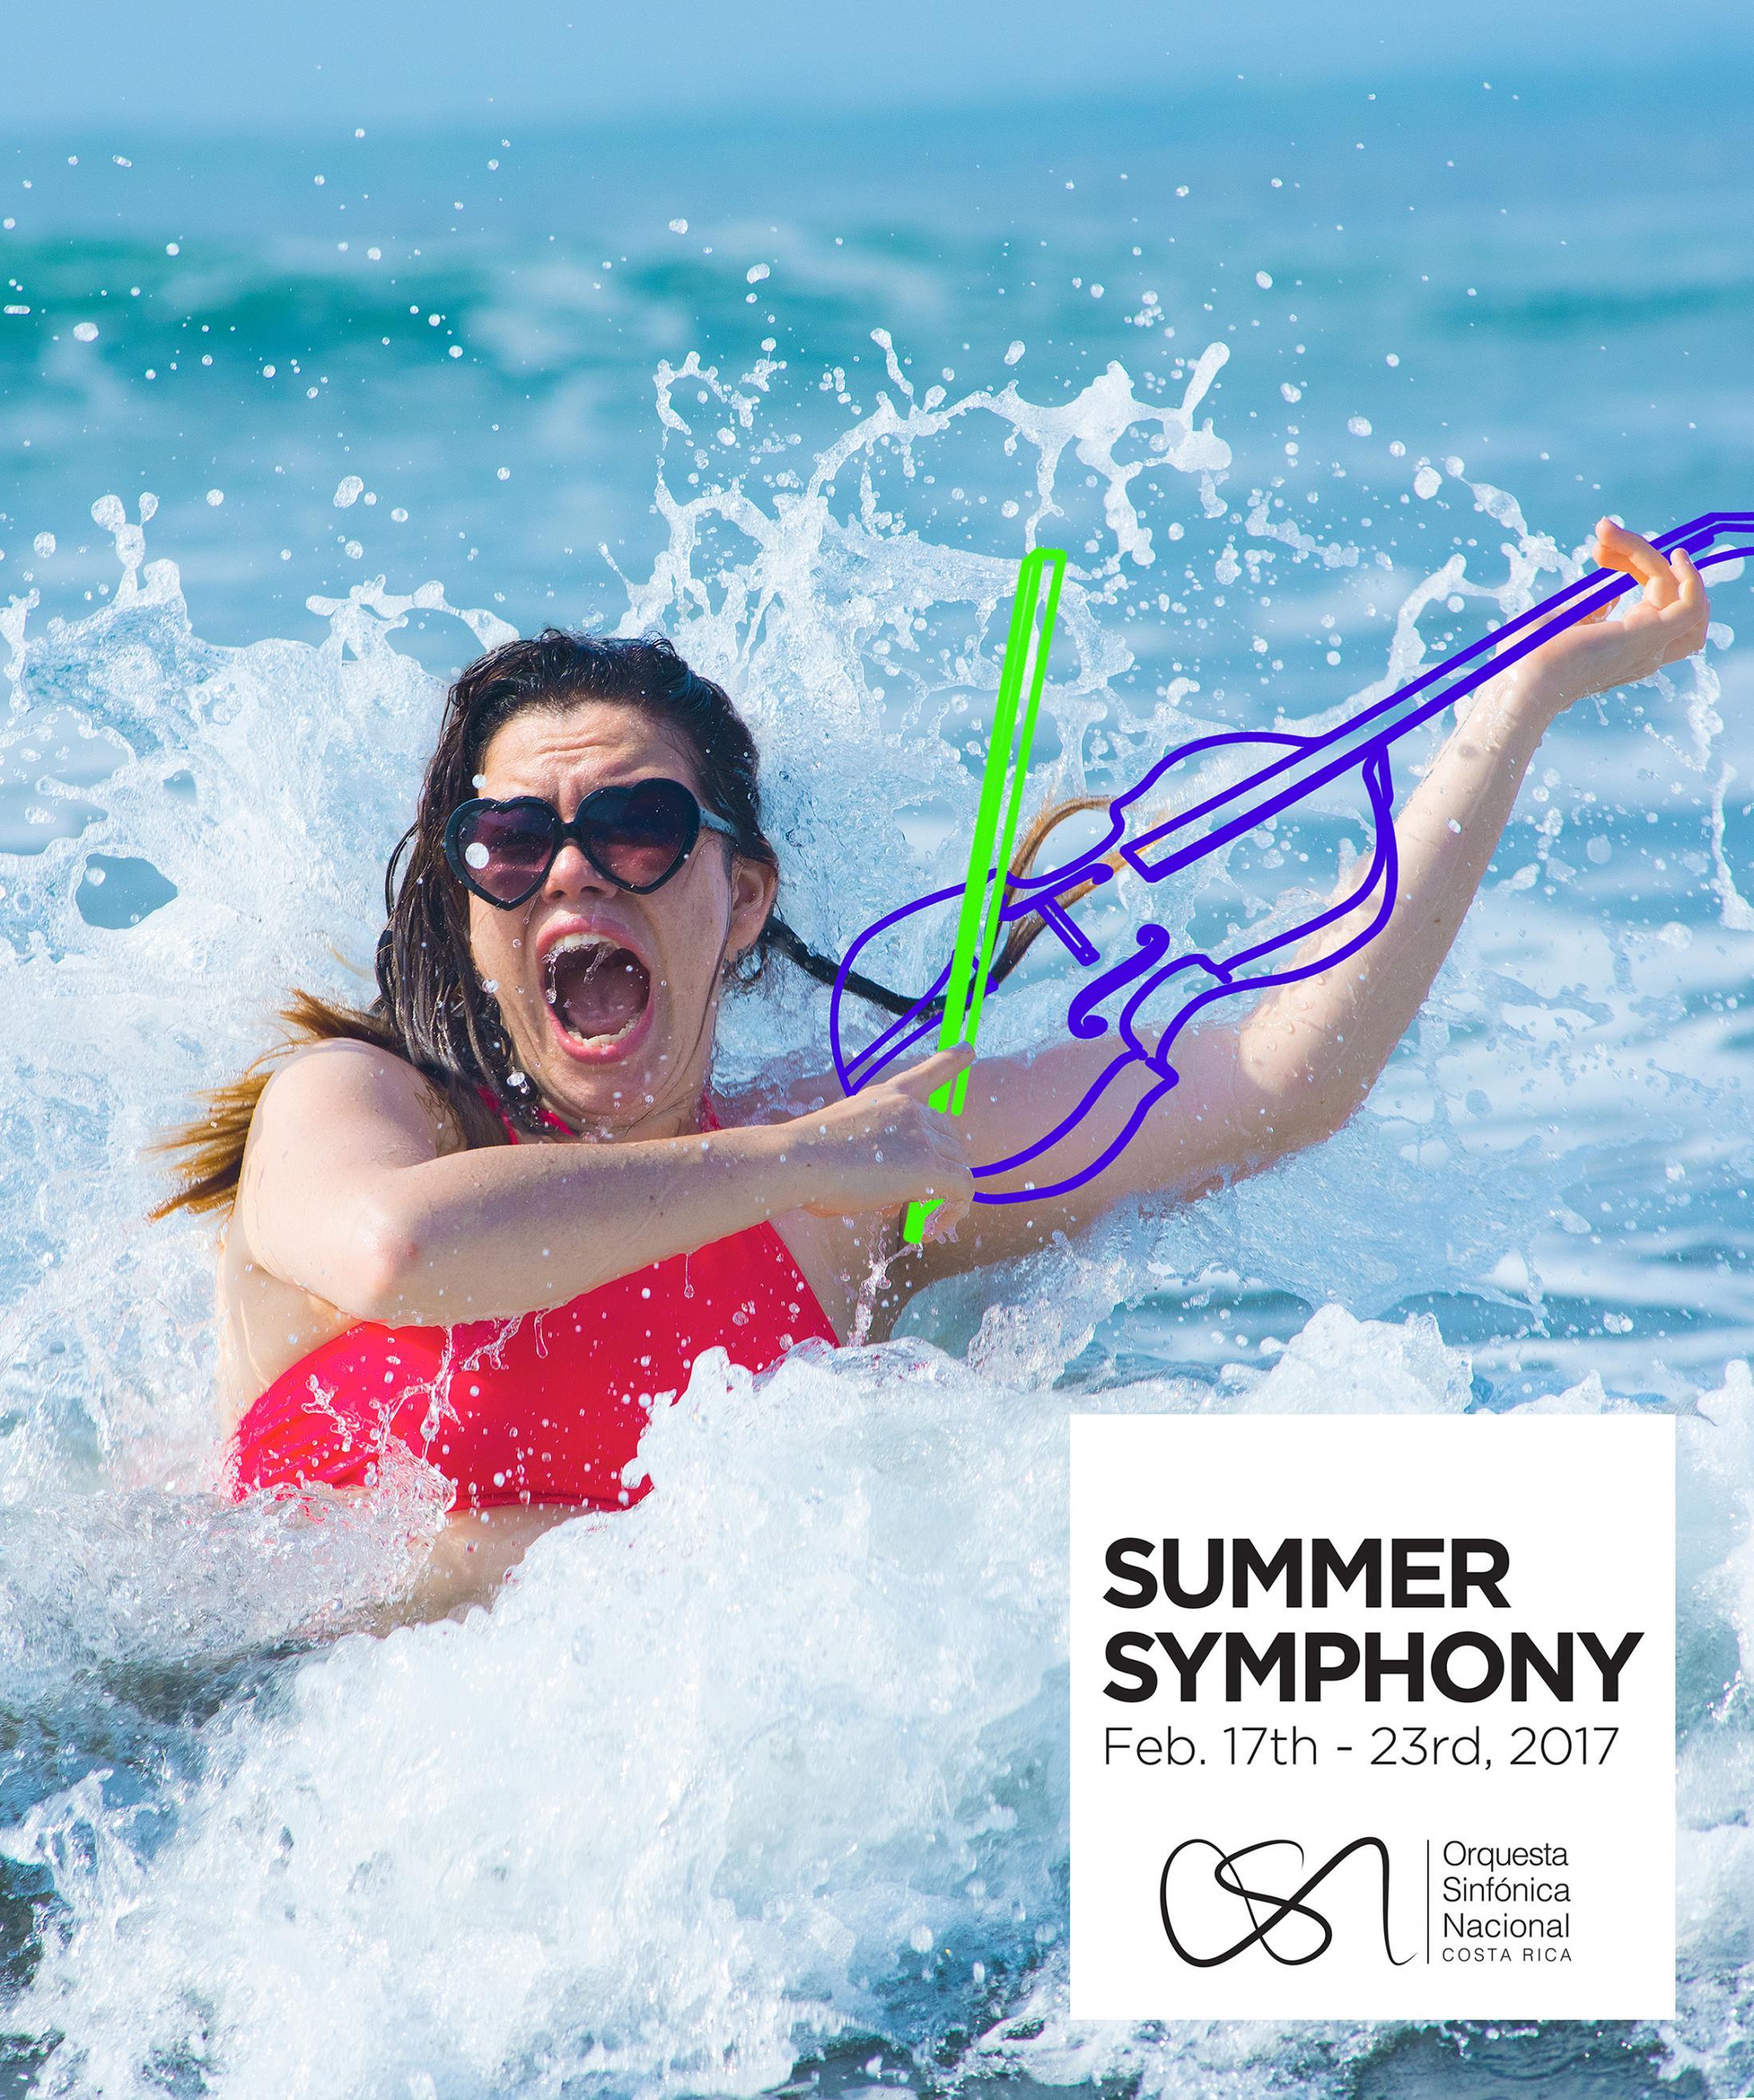 summer_symphony_violin.jpg